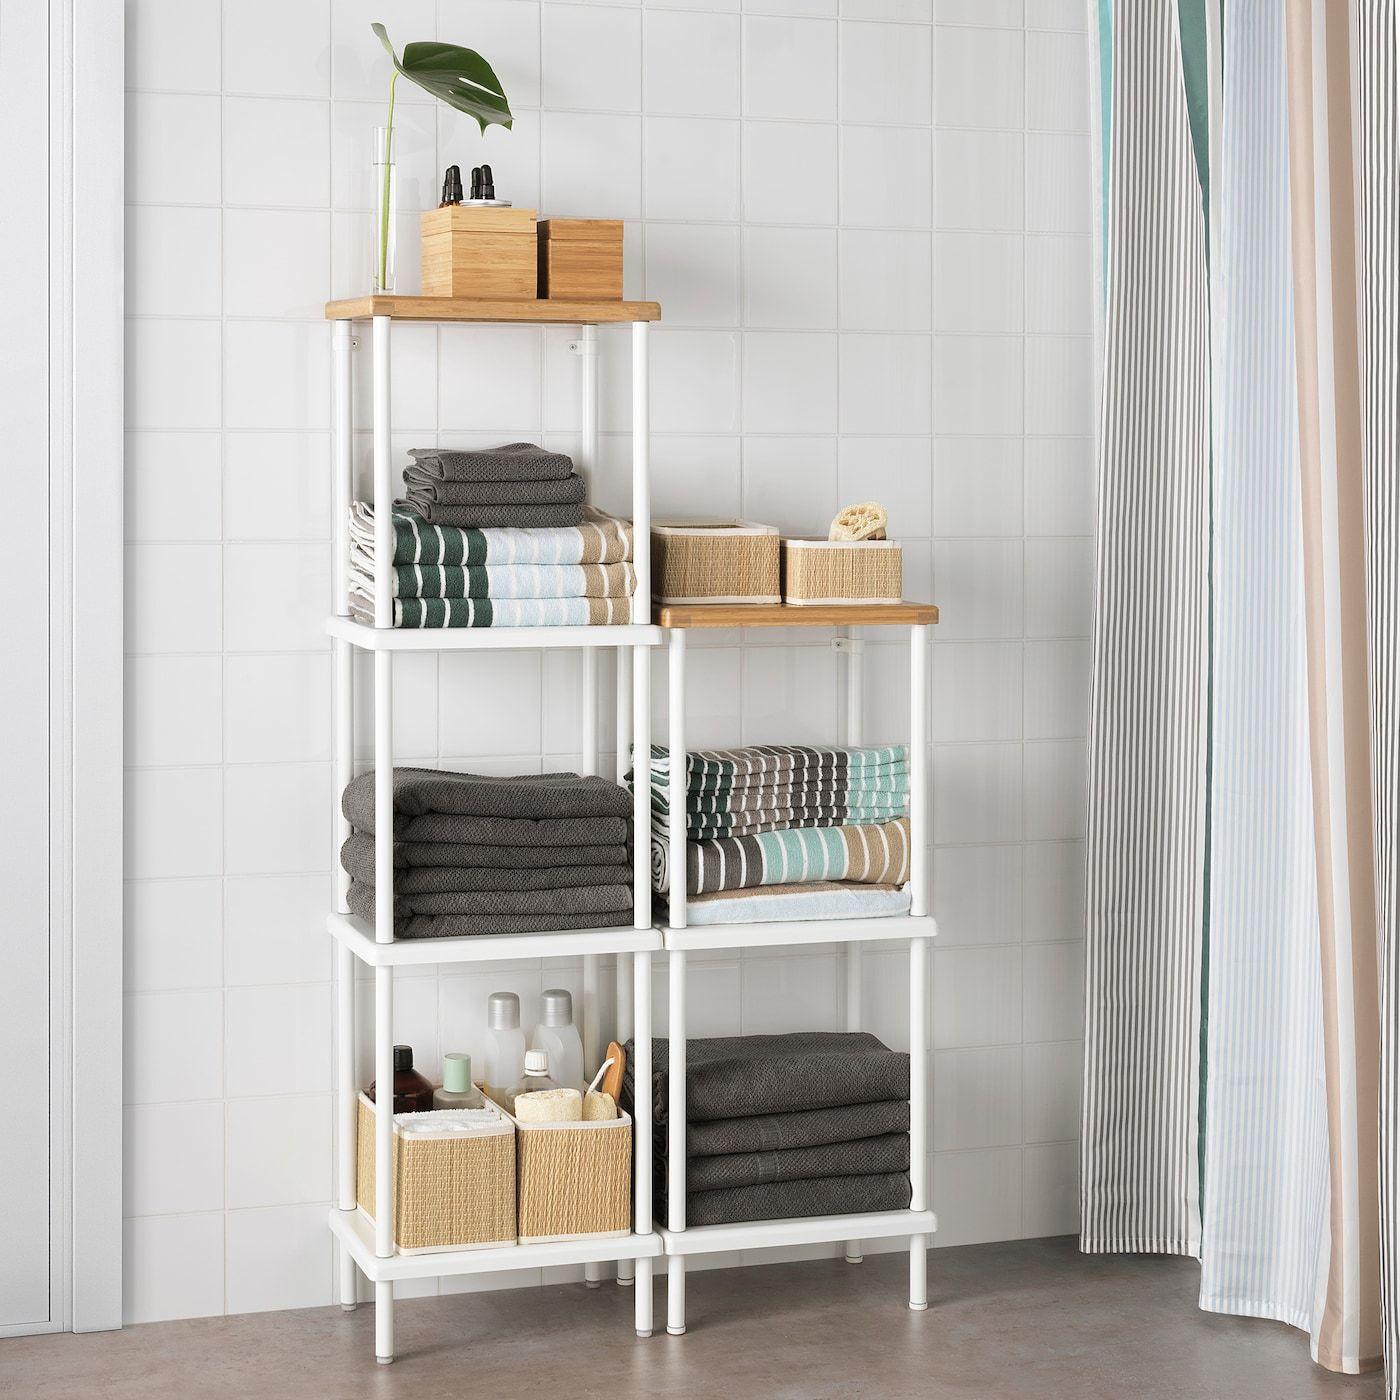 Dynan Zusatzregal Weiss Badezimmer Regal Badezimmer Regal Ikea